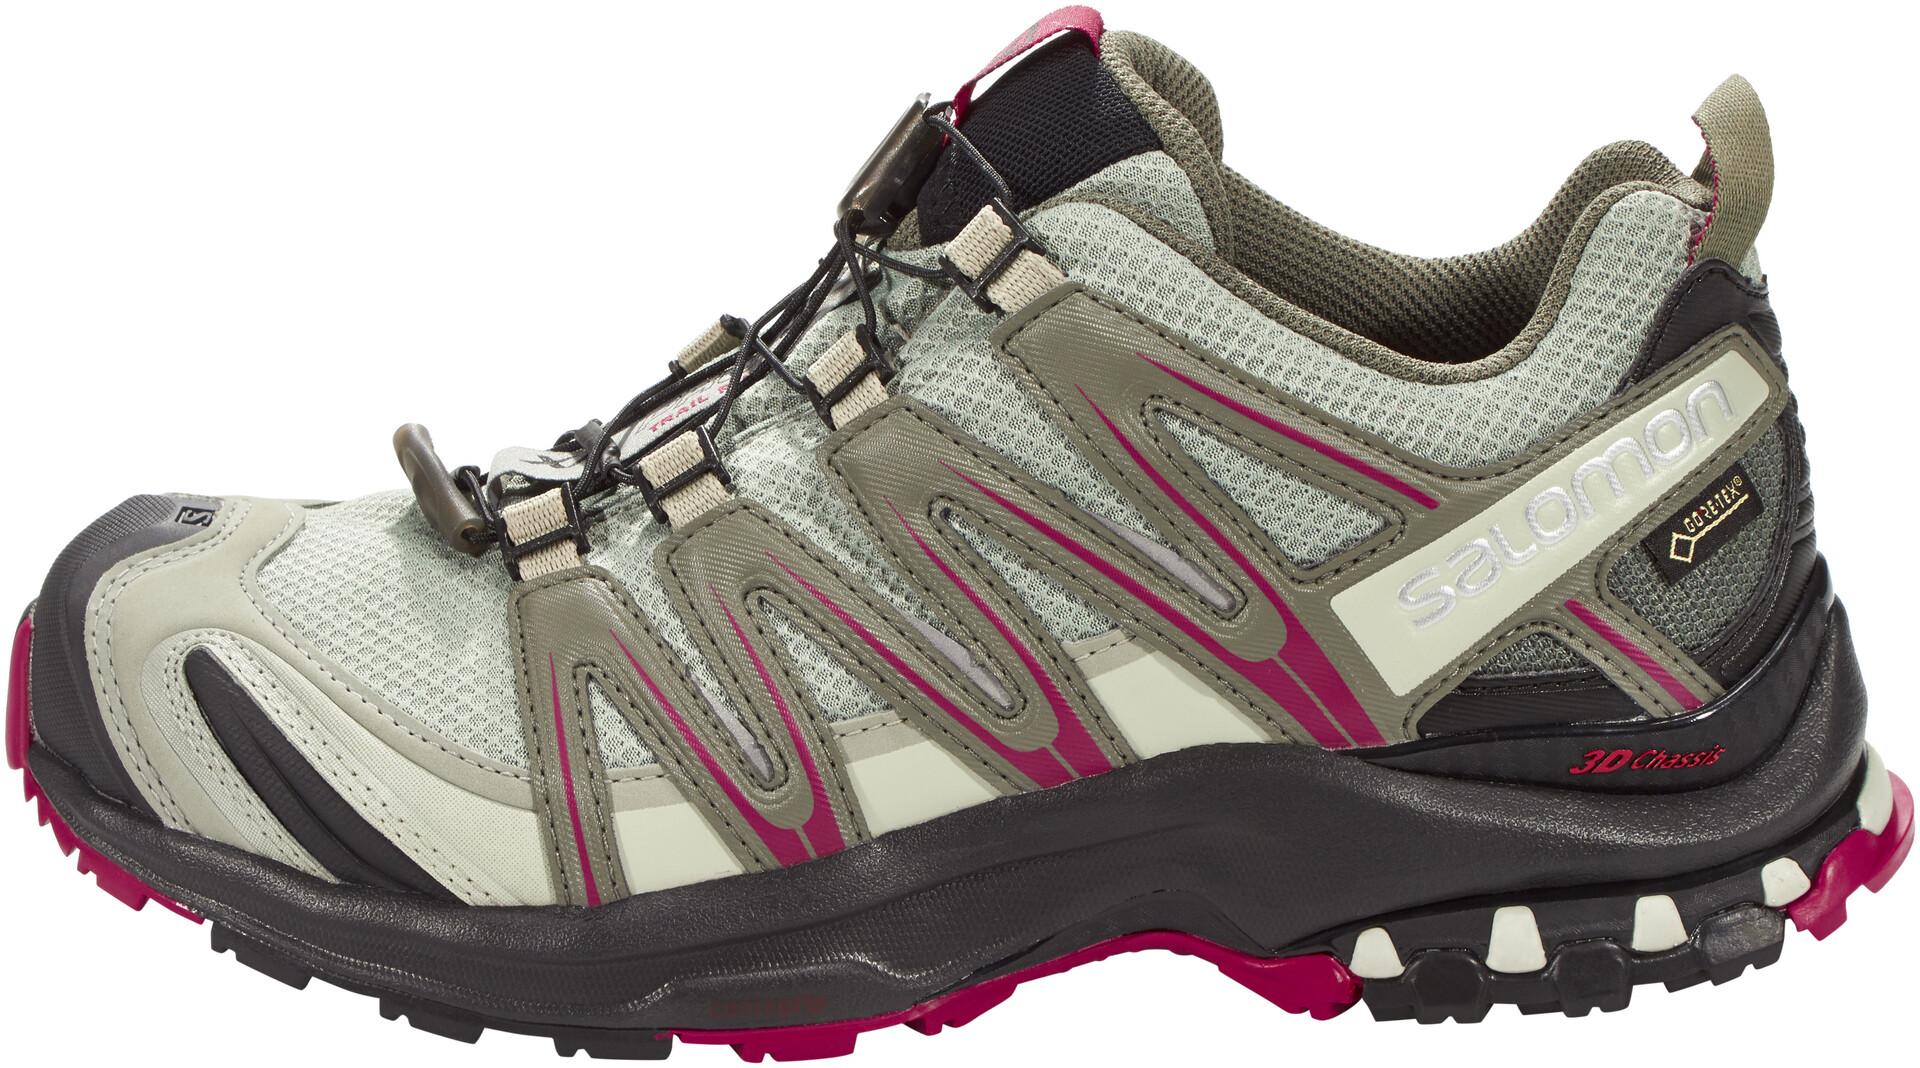 Xa 3d Chaussures Gris Salomon Running Gtx Pro Sur Campz Femme dIxIwfU